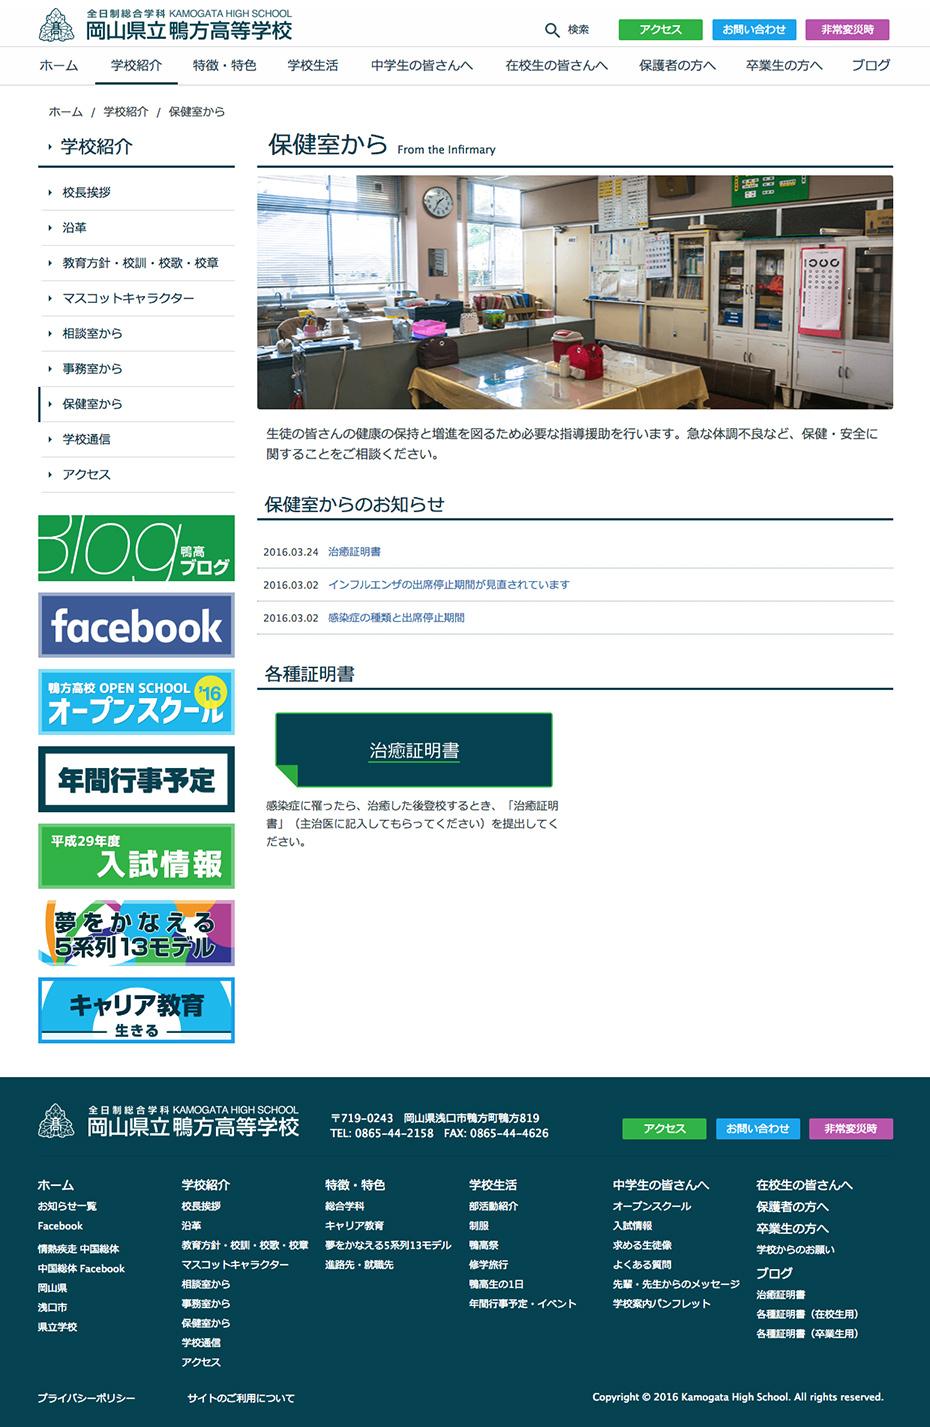 岡山県立鴨方高等学校様 ホームページ 保健室から